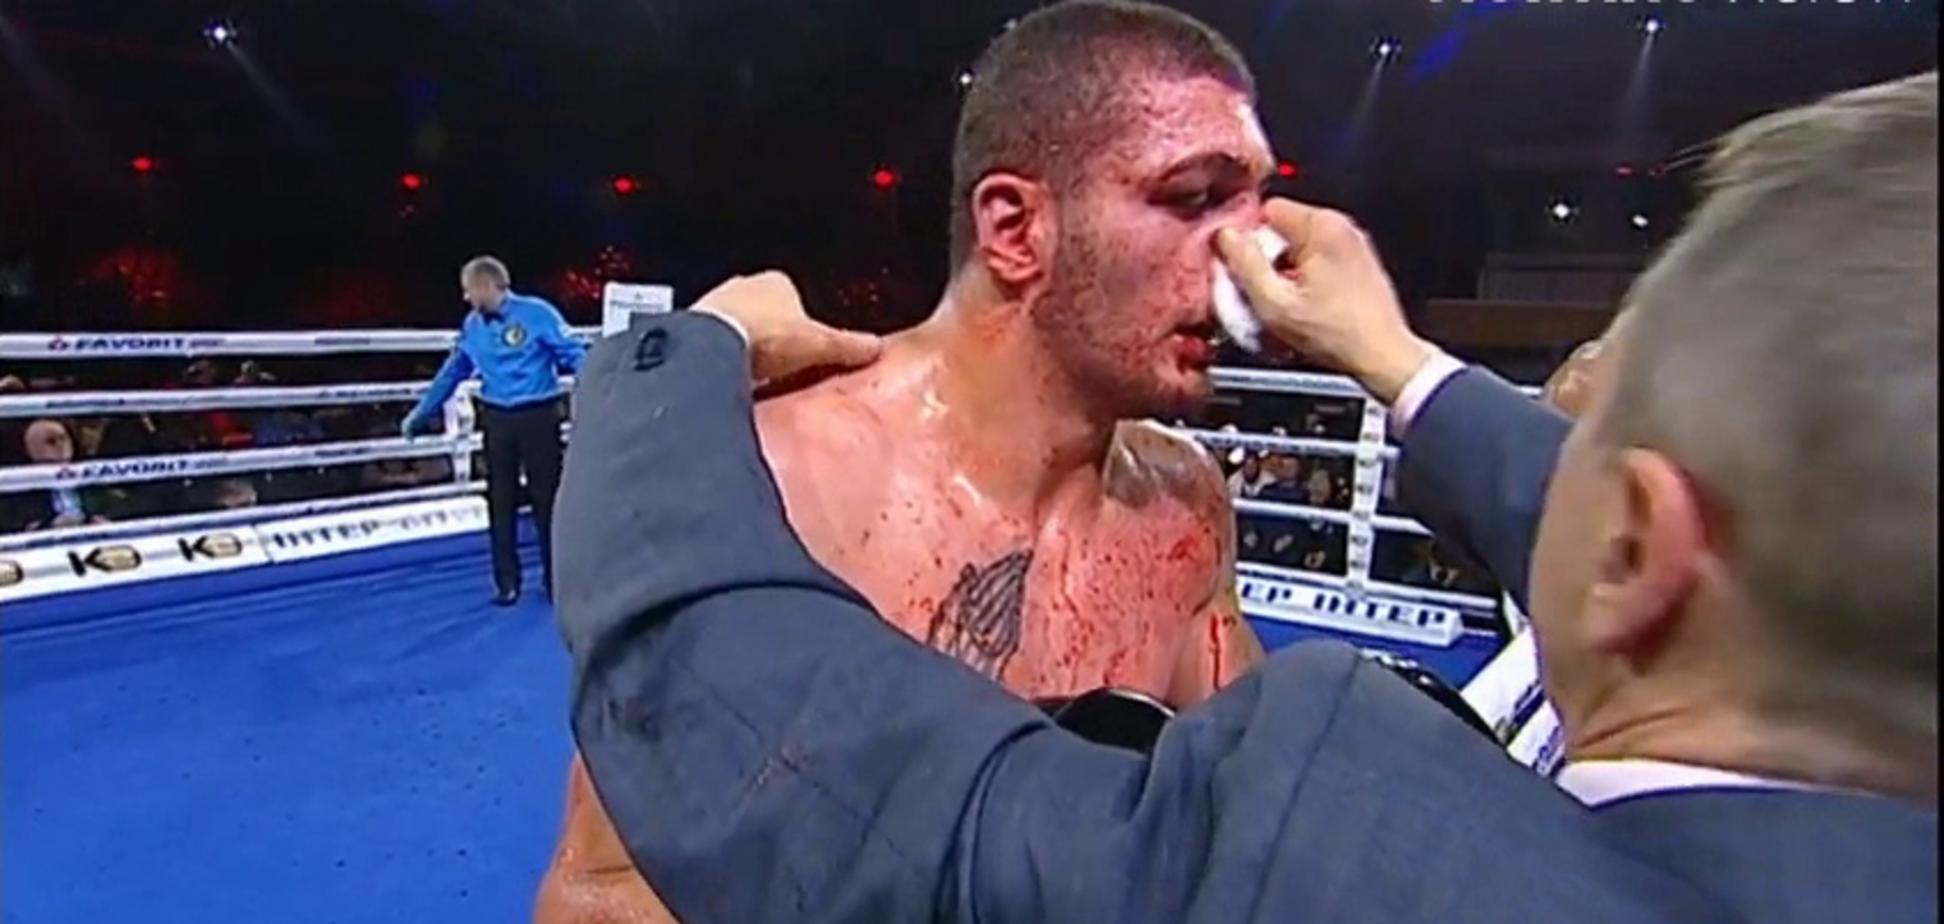 Знаменитий український боксер переміг кривавим нокаутом - опубліковано відео